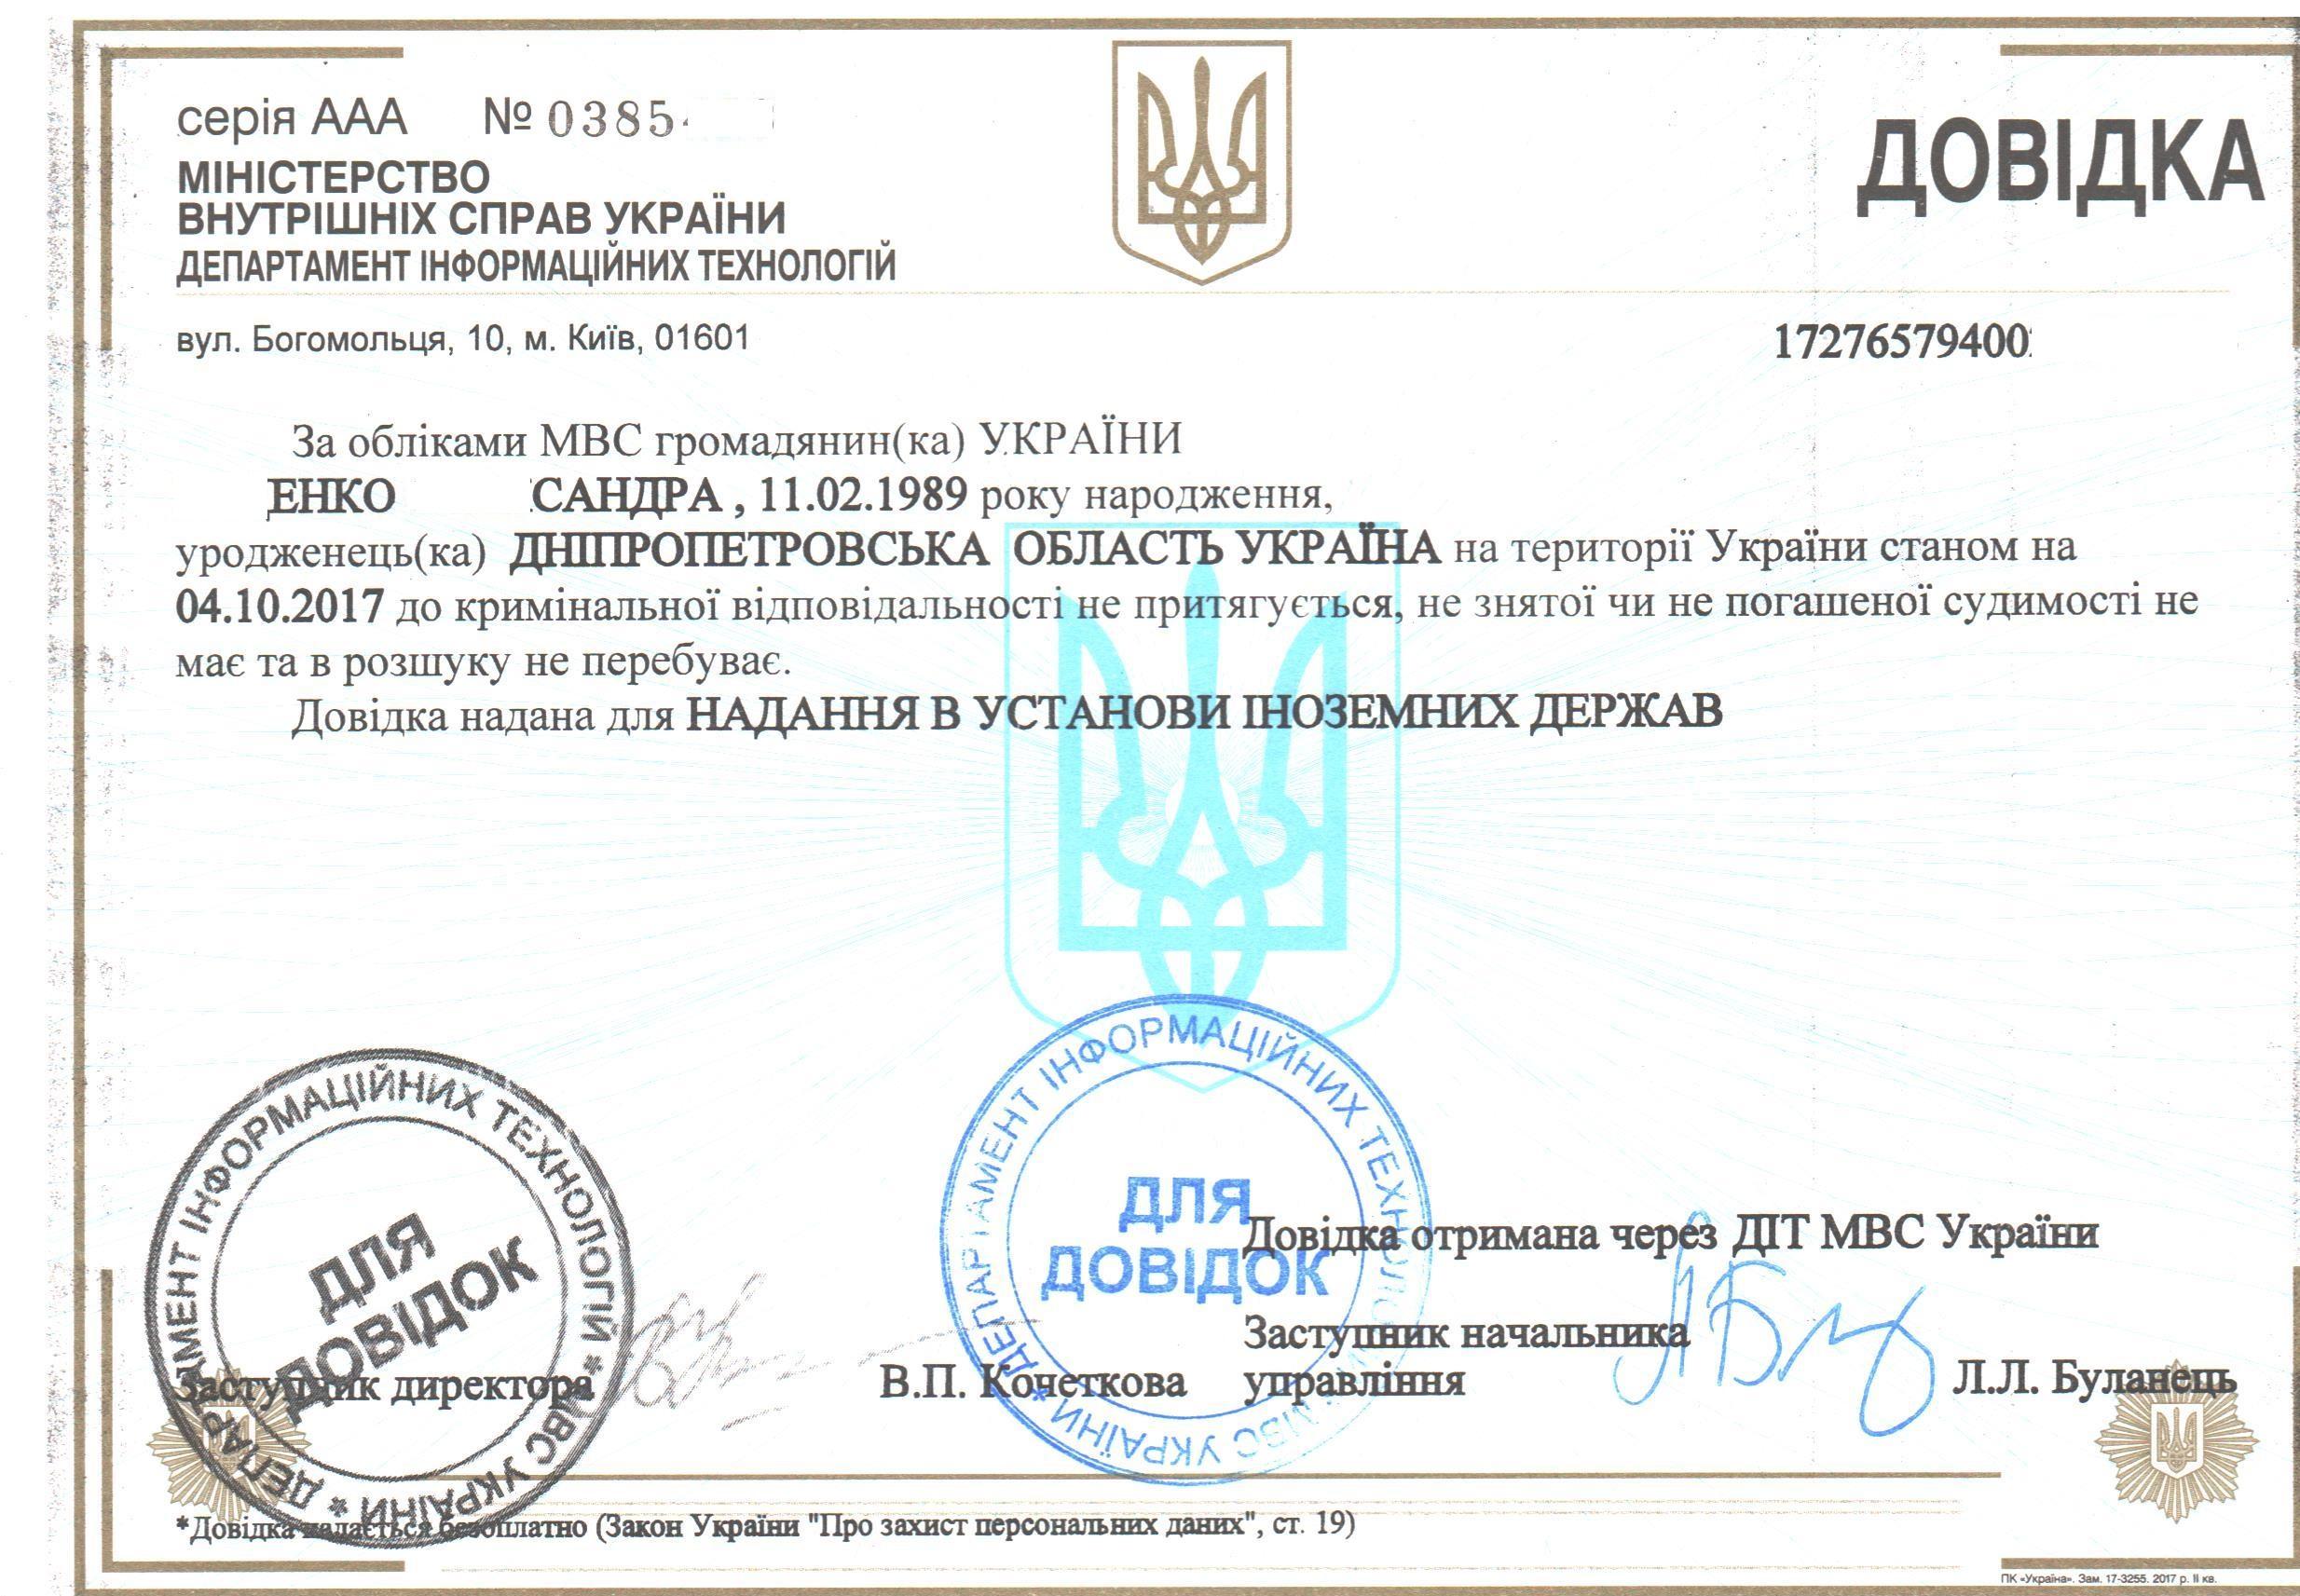 Довідка про несудимість в Україні: Київ, Дніпро, Харків, Одеса, Львів